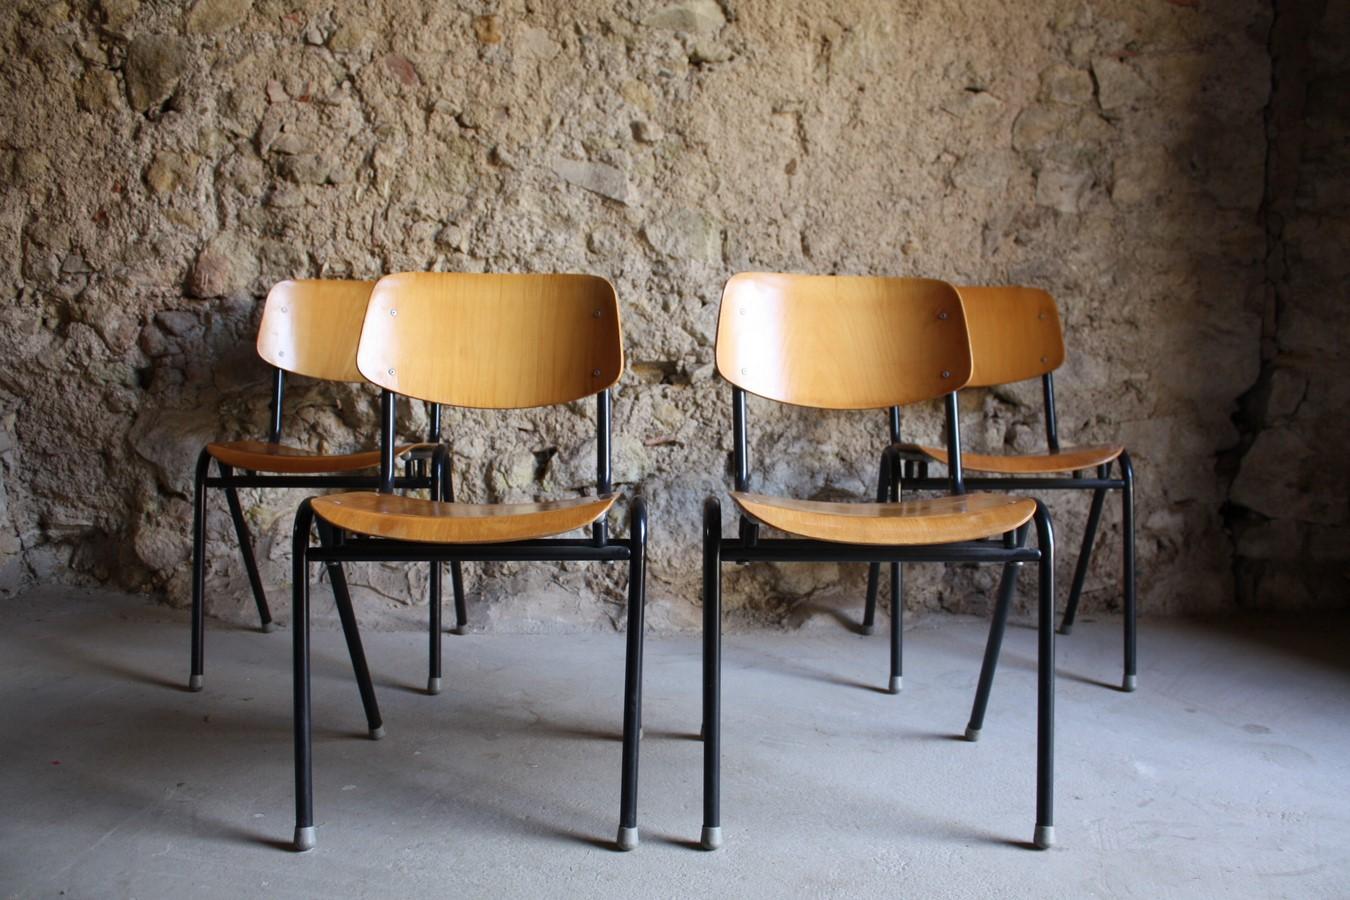 industrie industrial design st hle schul stuhl gebraucht vintage antik loft stahlrohr holz 43. Black Bedroom Furniture Sets. Home Design Ideas